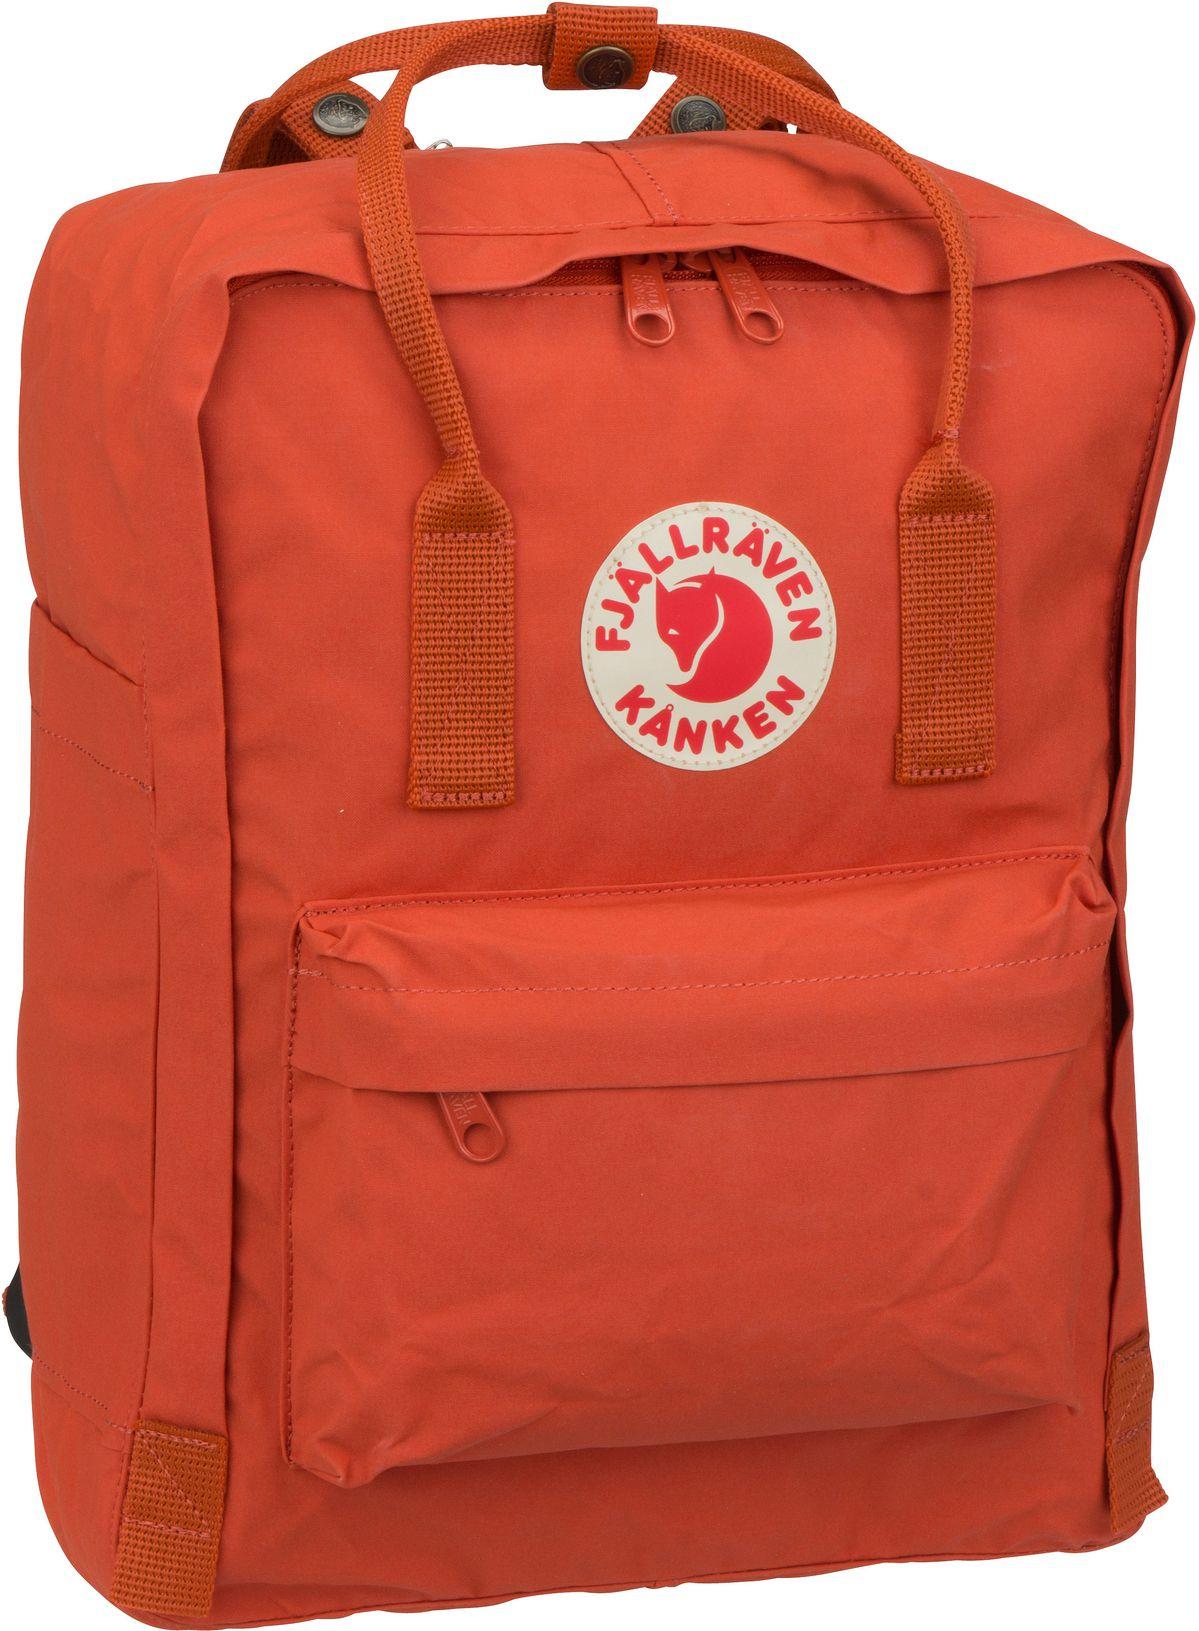 Rucksack / Daypack Kanken Rowan Red (16 Liter)